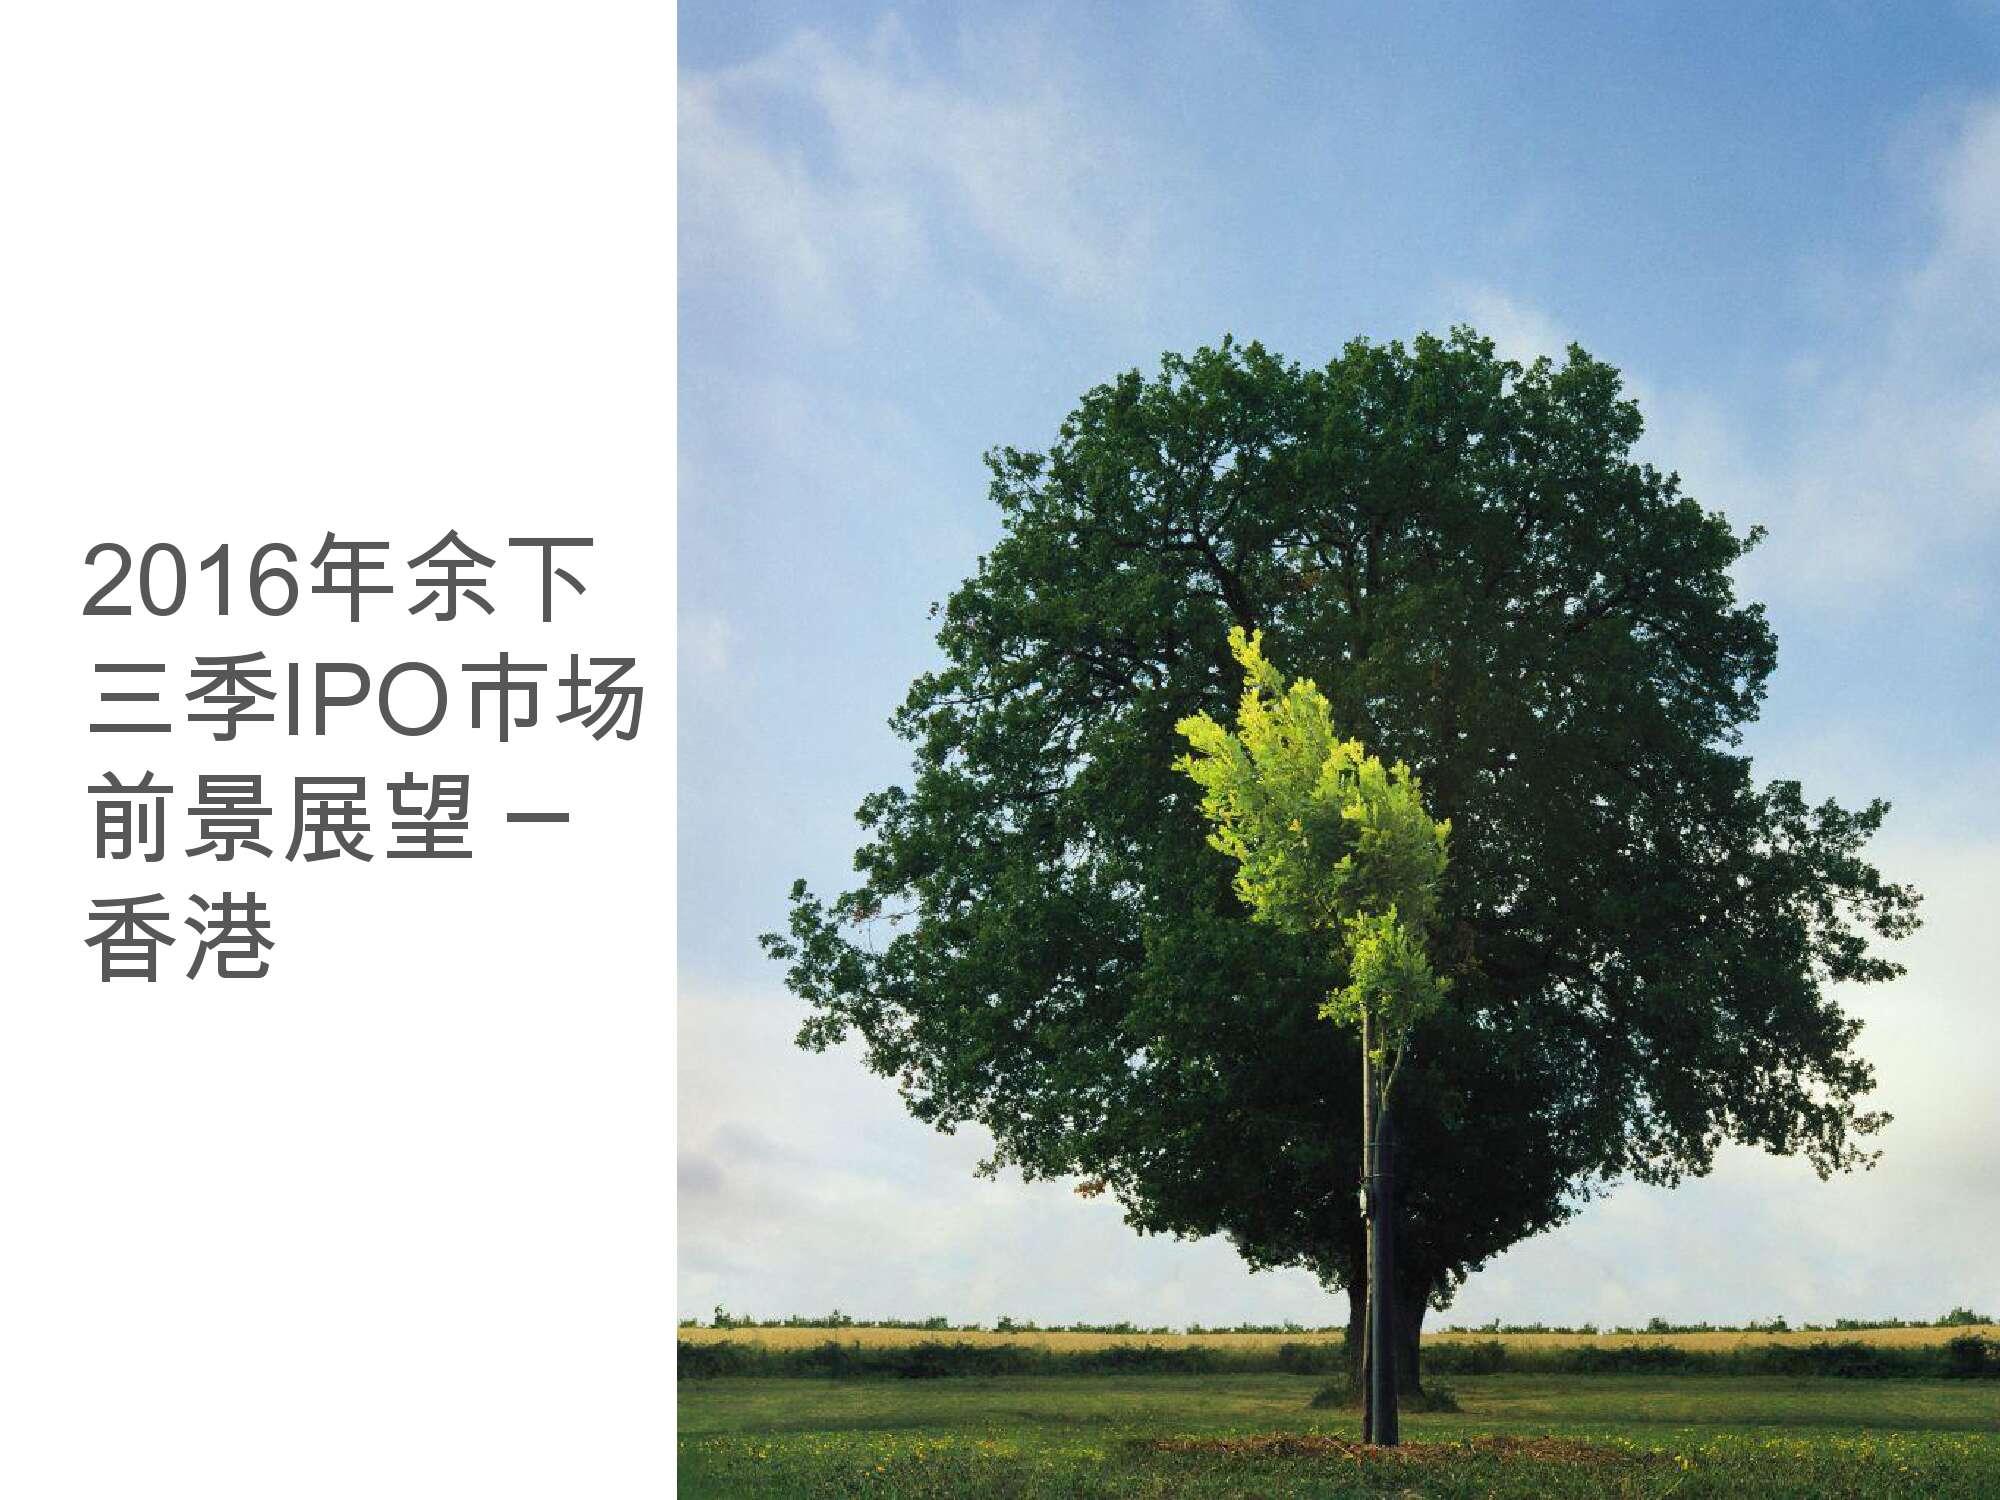 香港及中国大陆IPO市场2016年1季度_000028